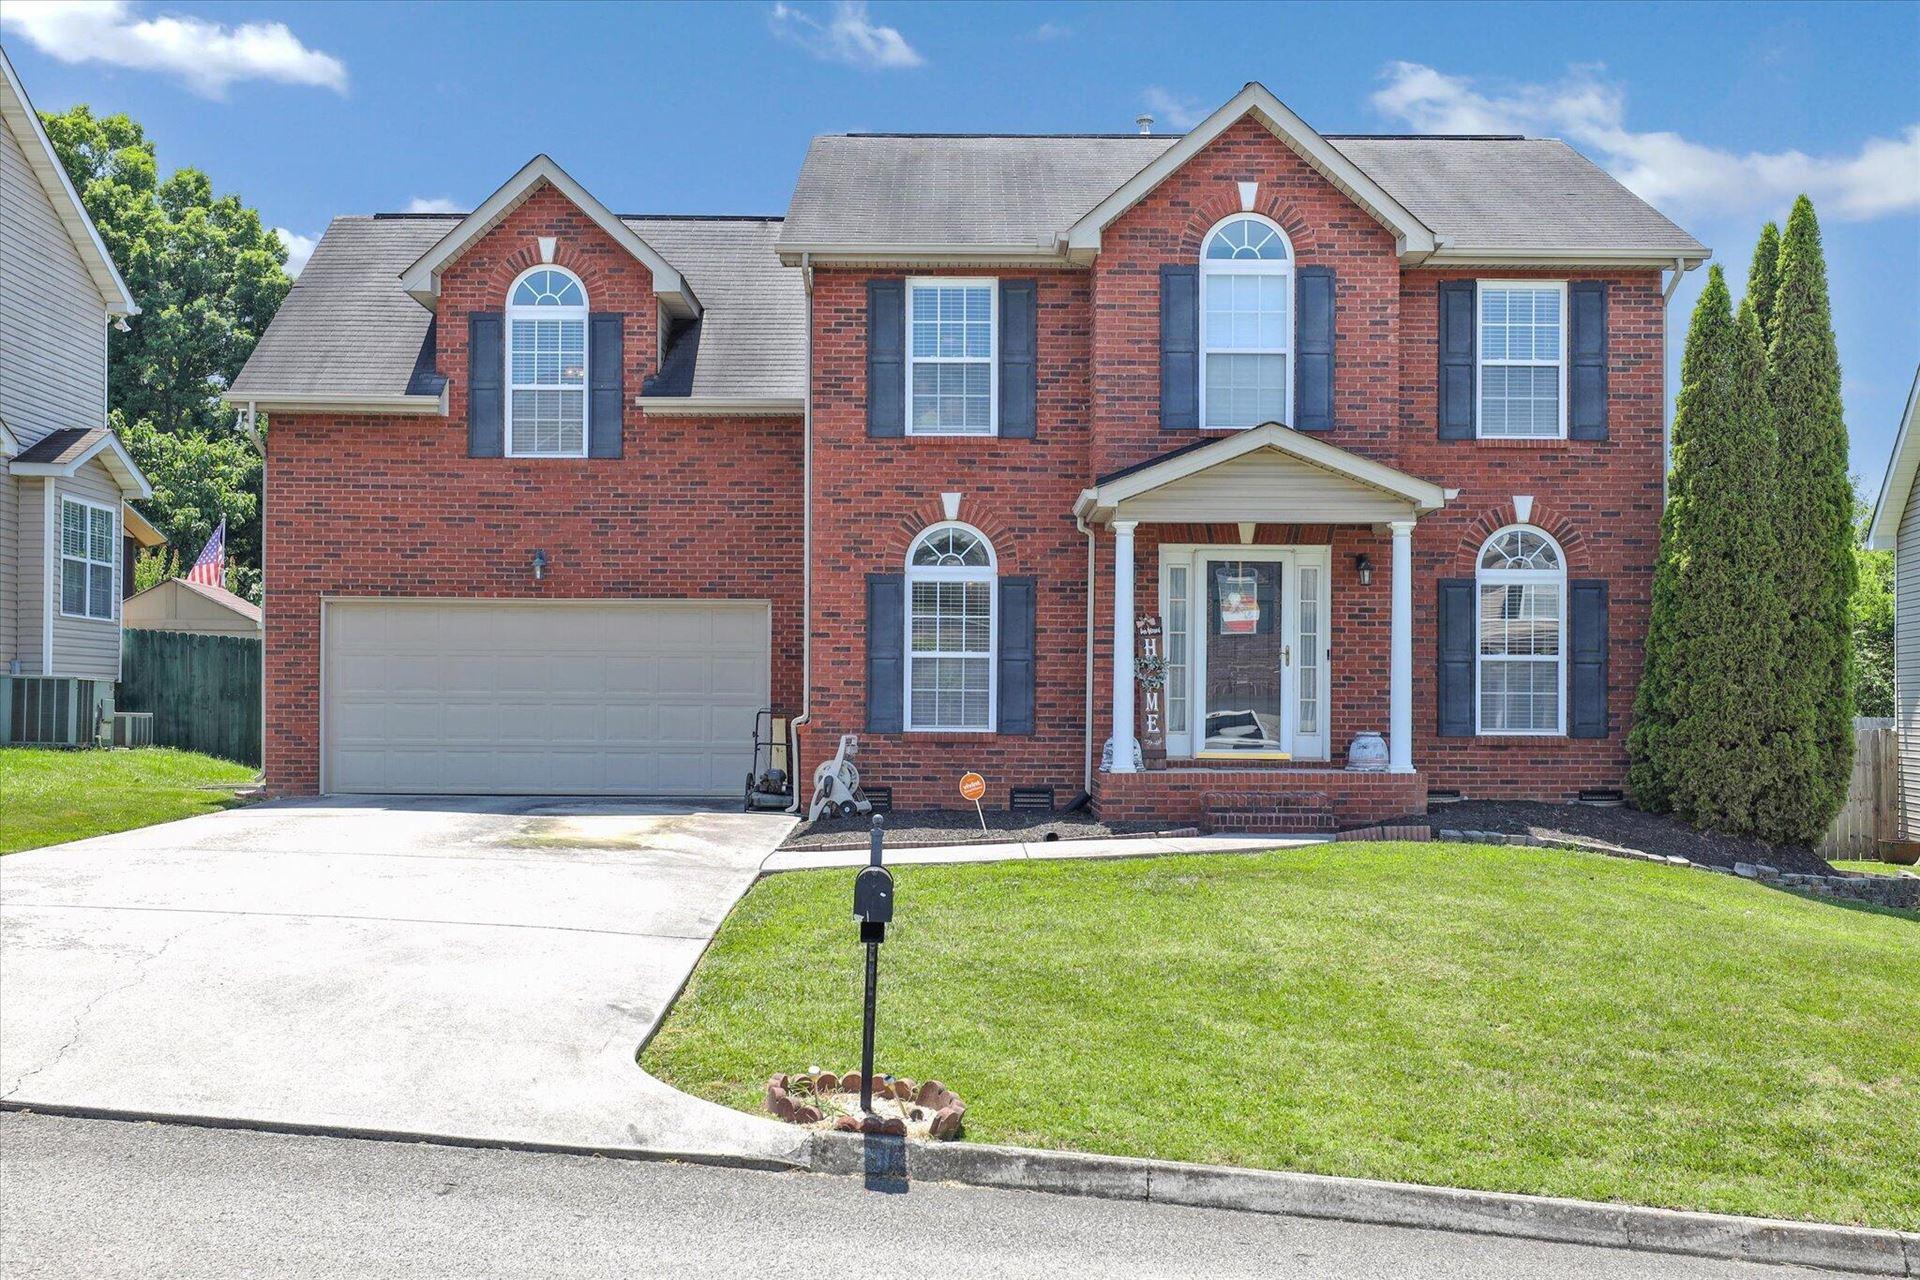 Photo of 2119 Mosaic Lane, Knoxville, TN 37924 (MLS # 1160874)